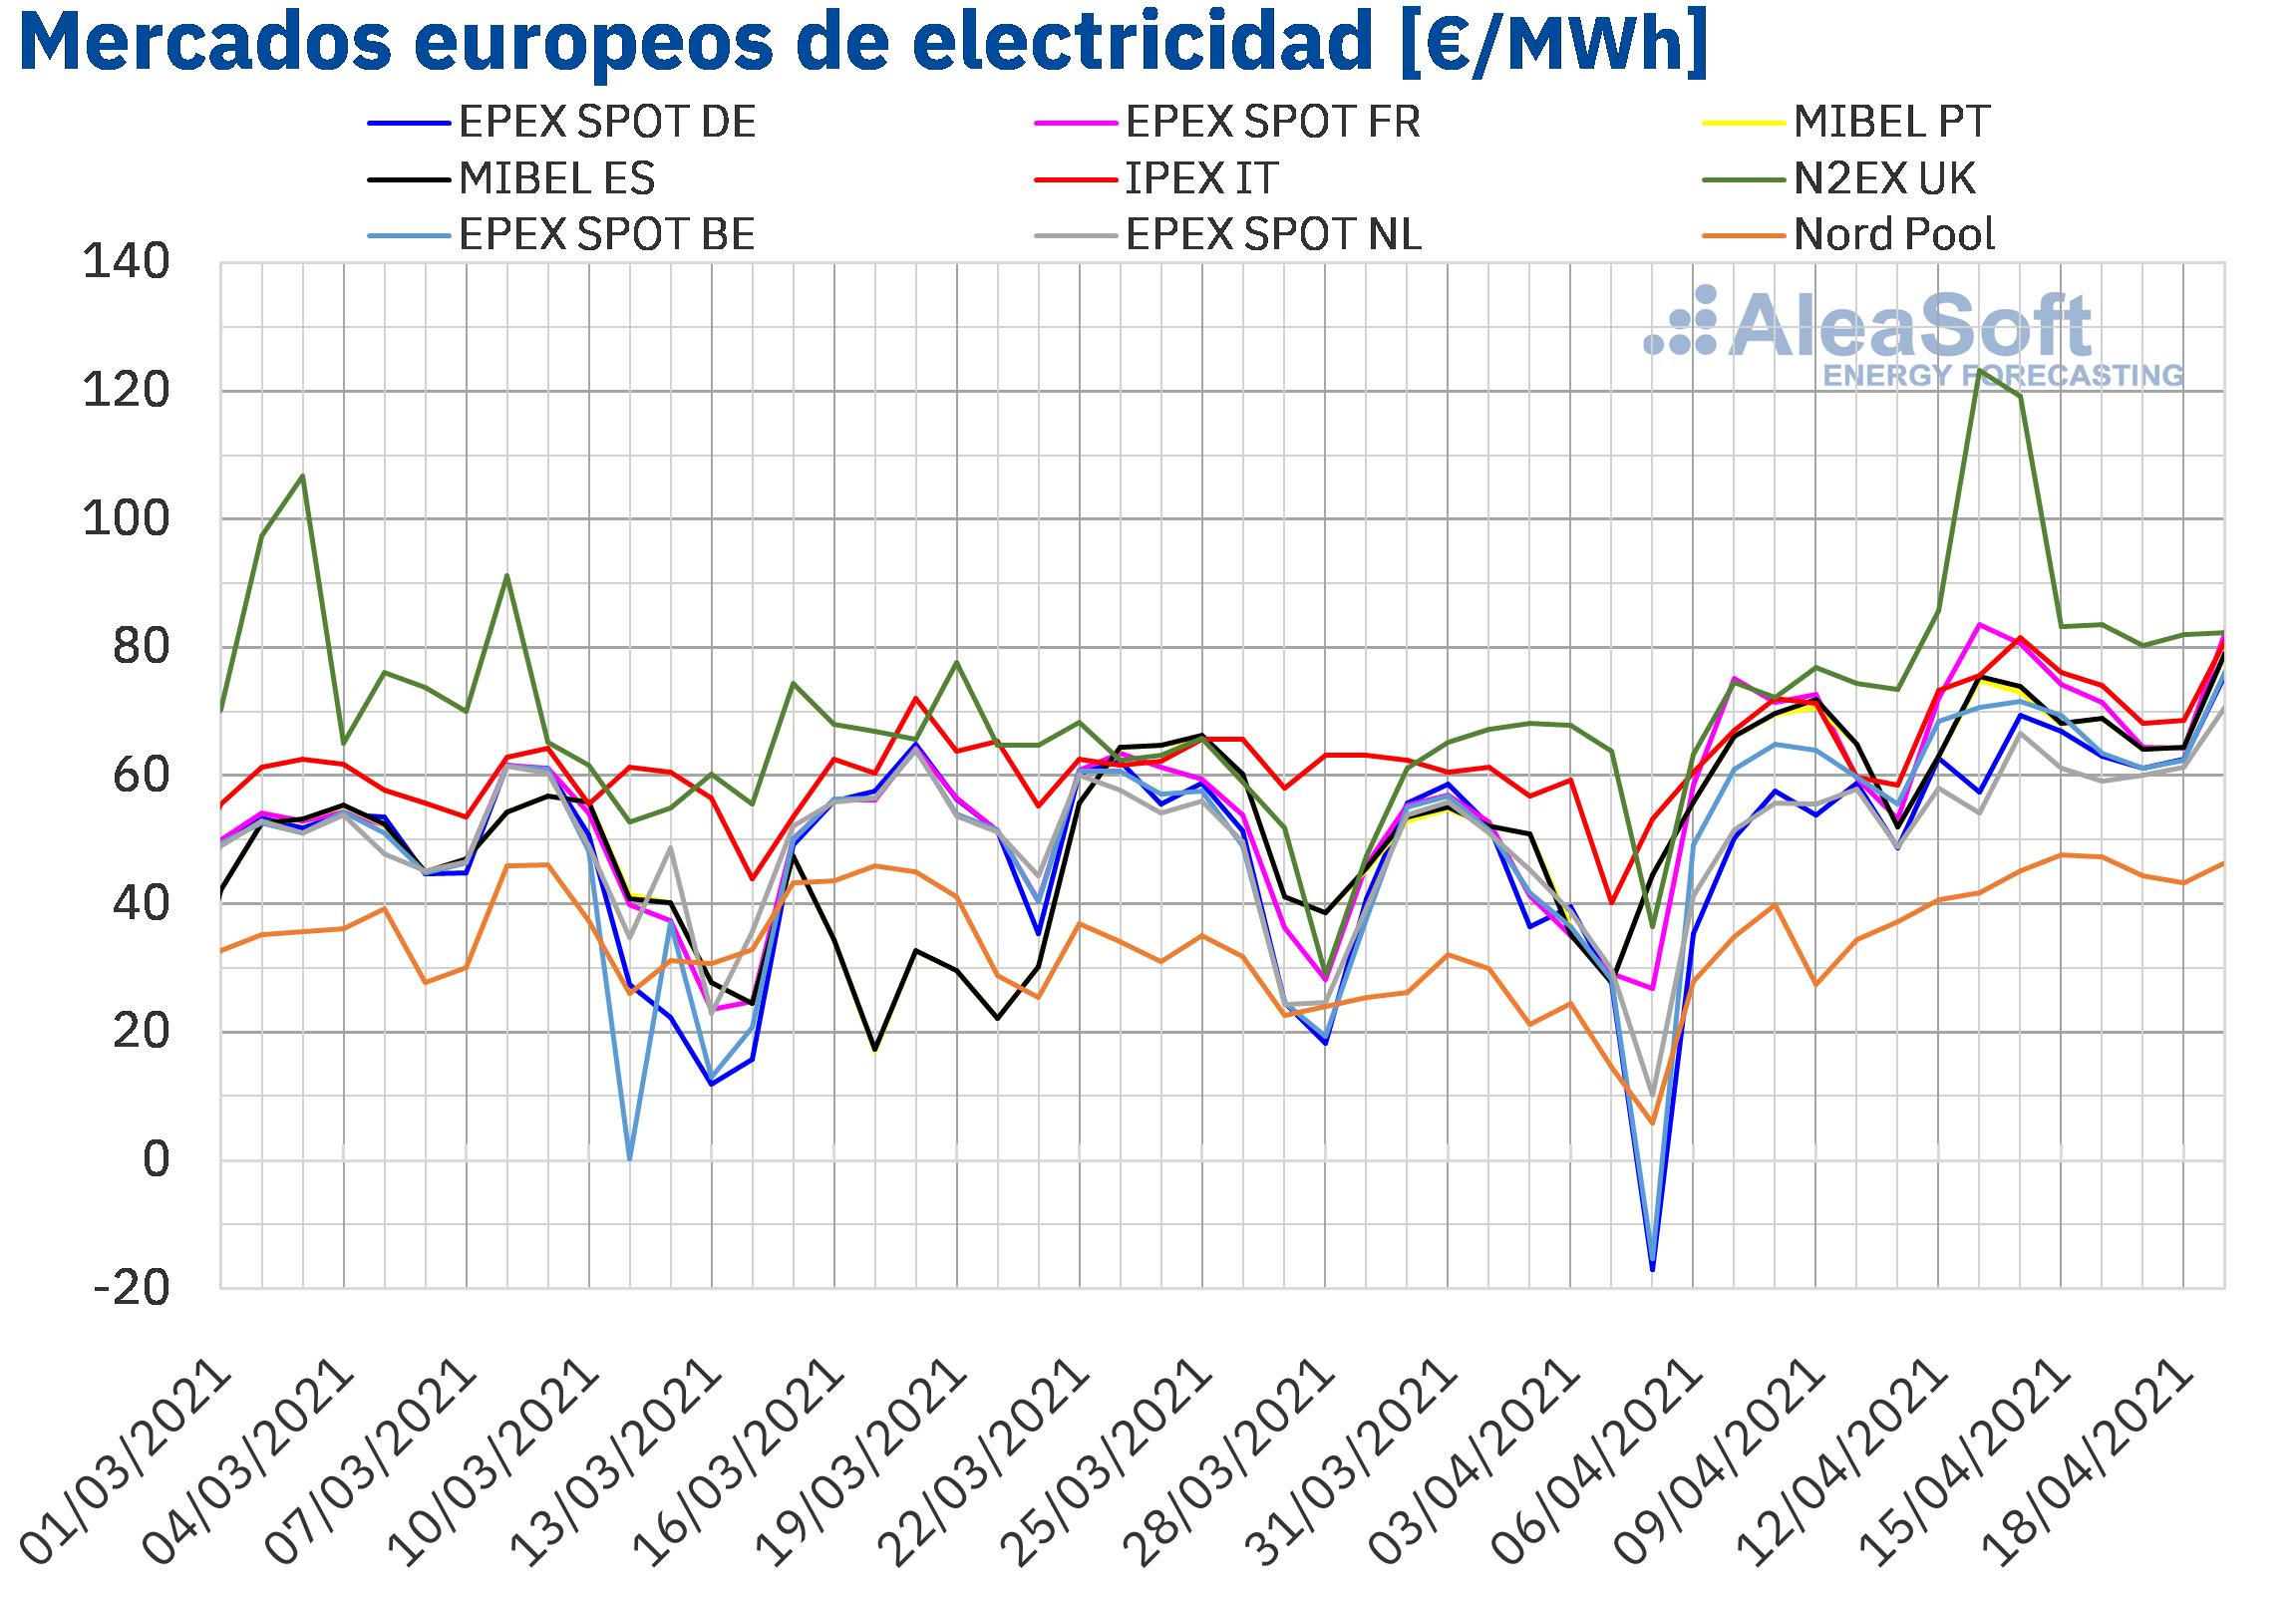 AleaSoft: Camino de un abril de precios récord en los mercados eléctricos europeos